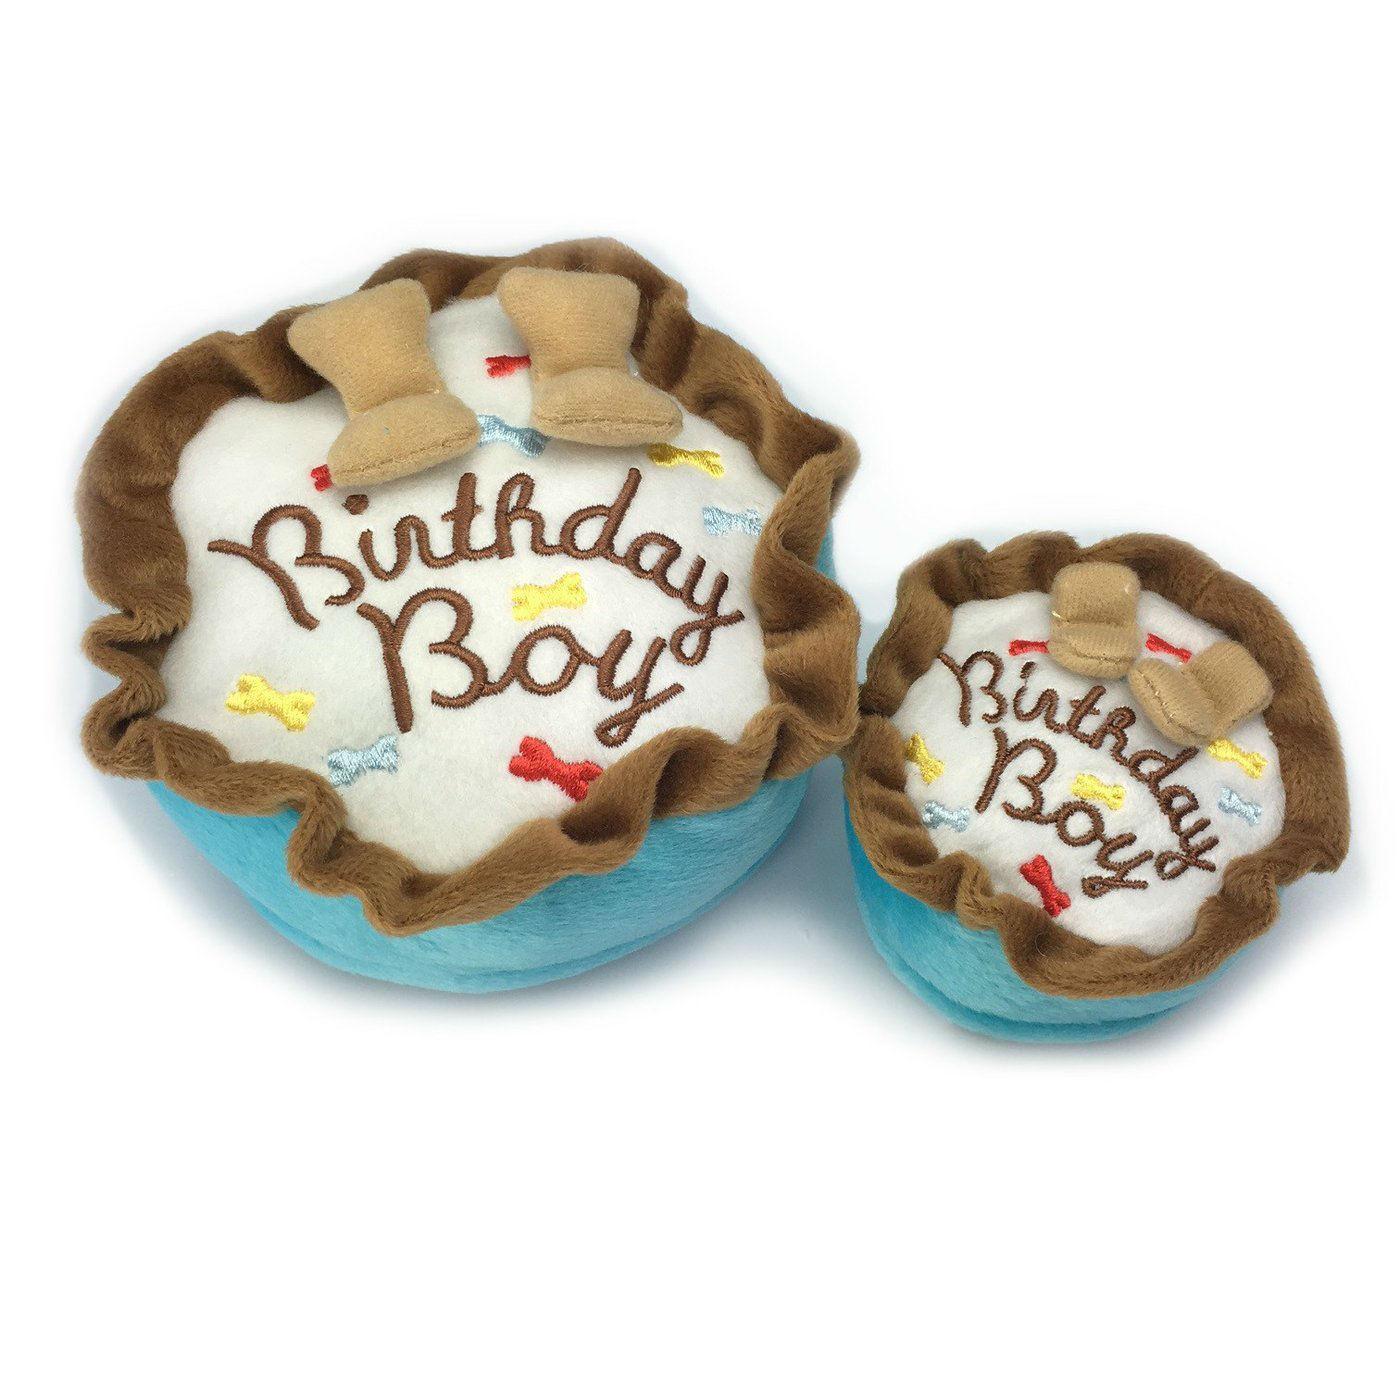 Birthday Boy Cake Plush Dog Toy